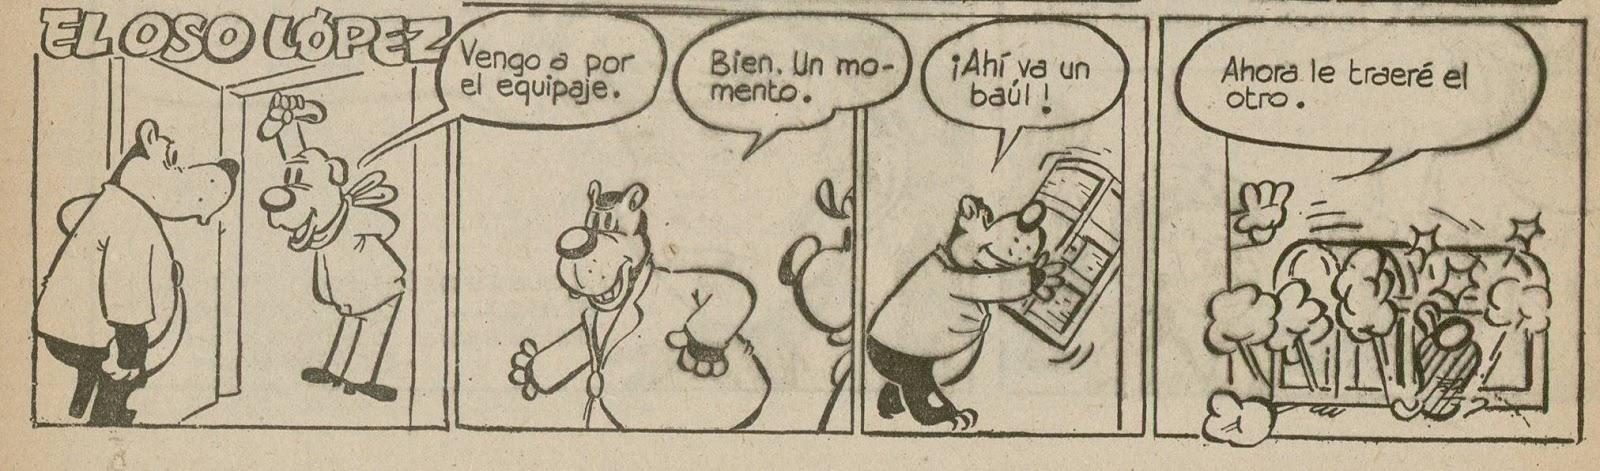 El Oso Lopez Jan Yumbo nº 230